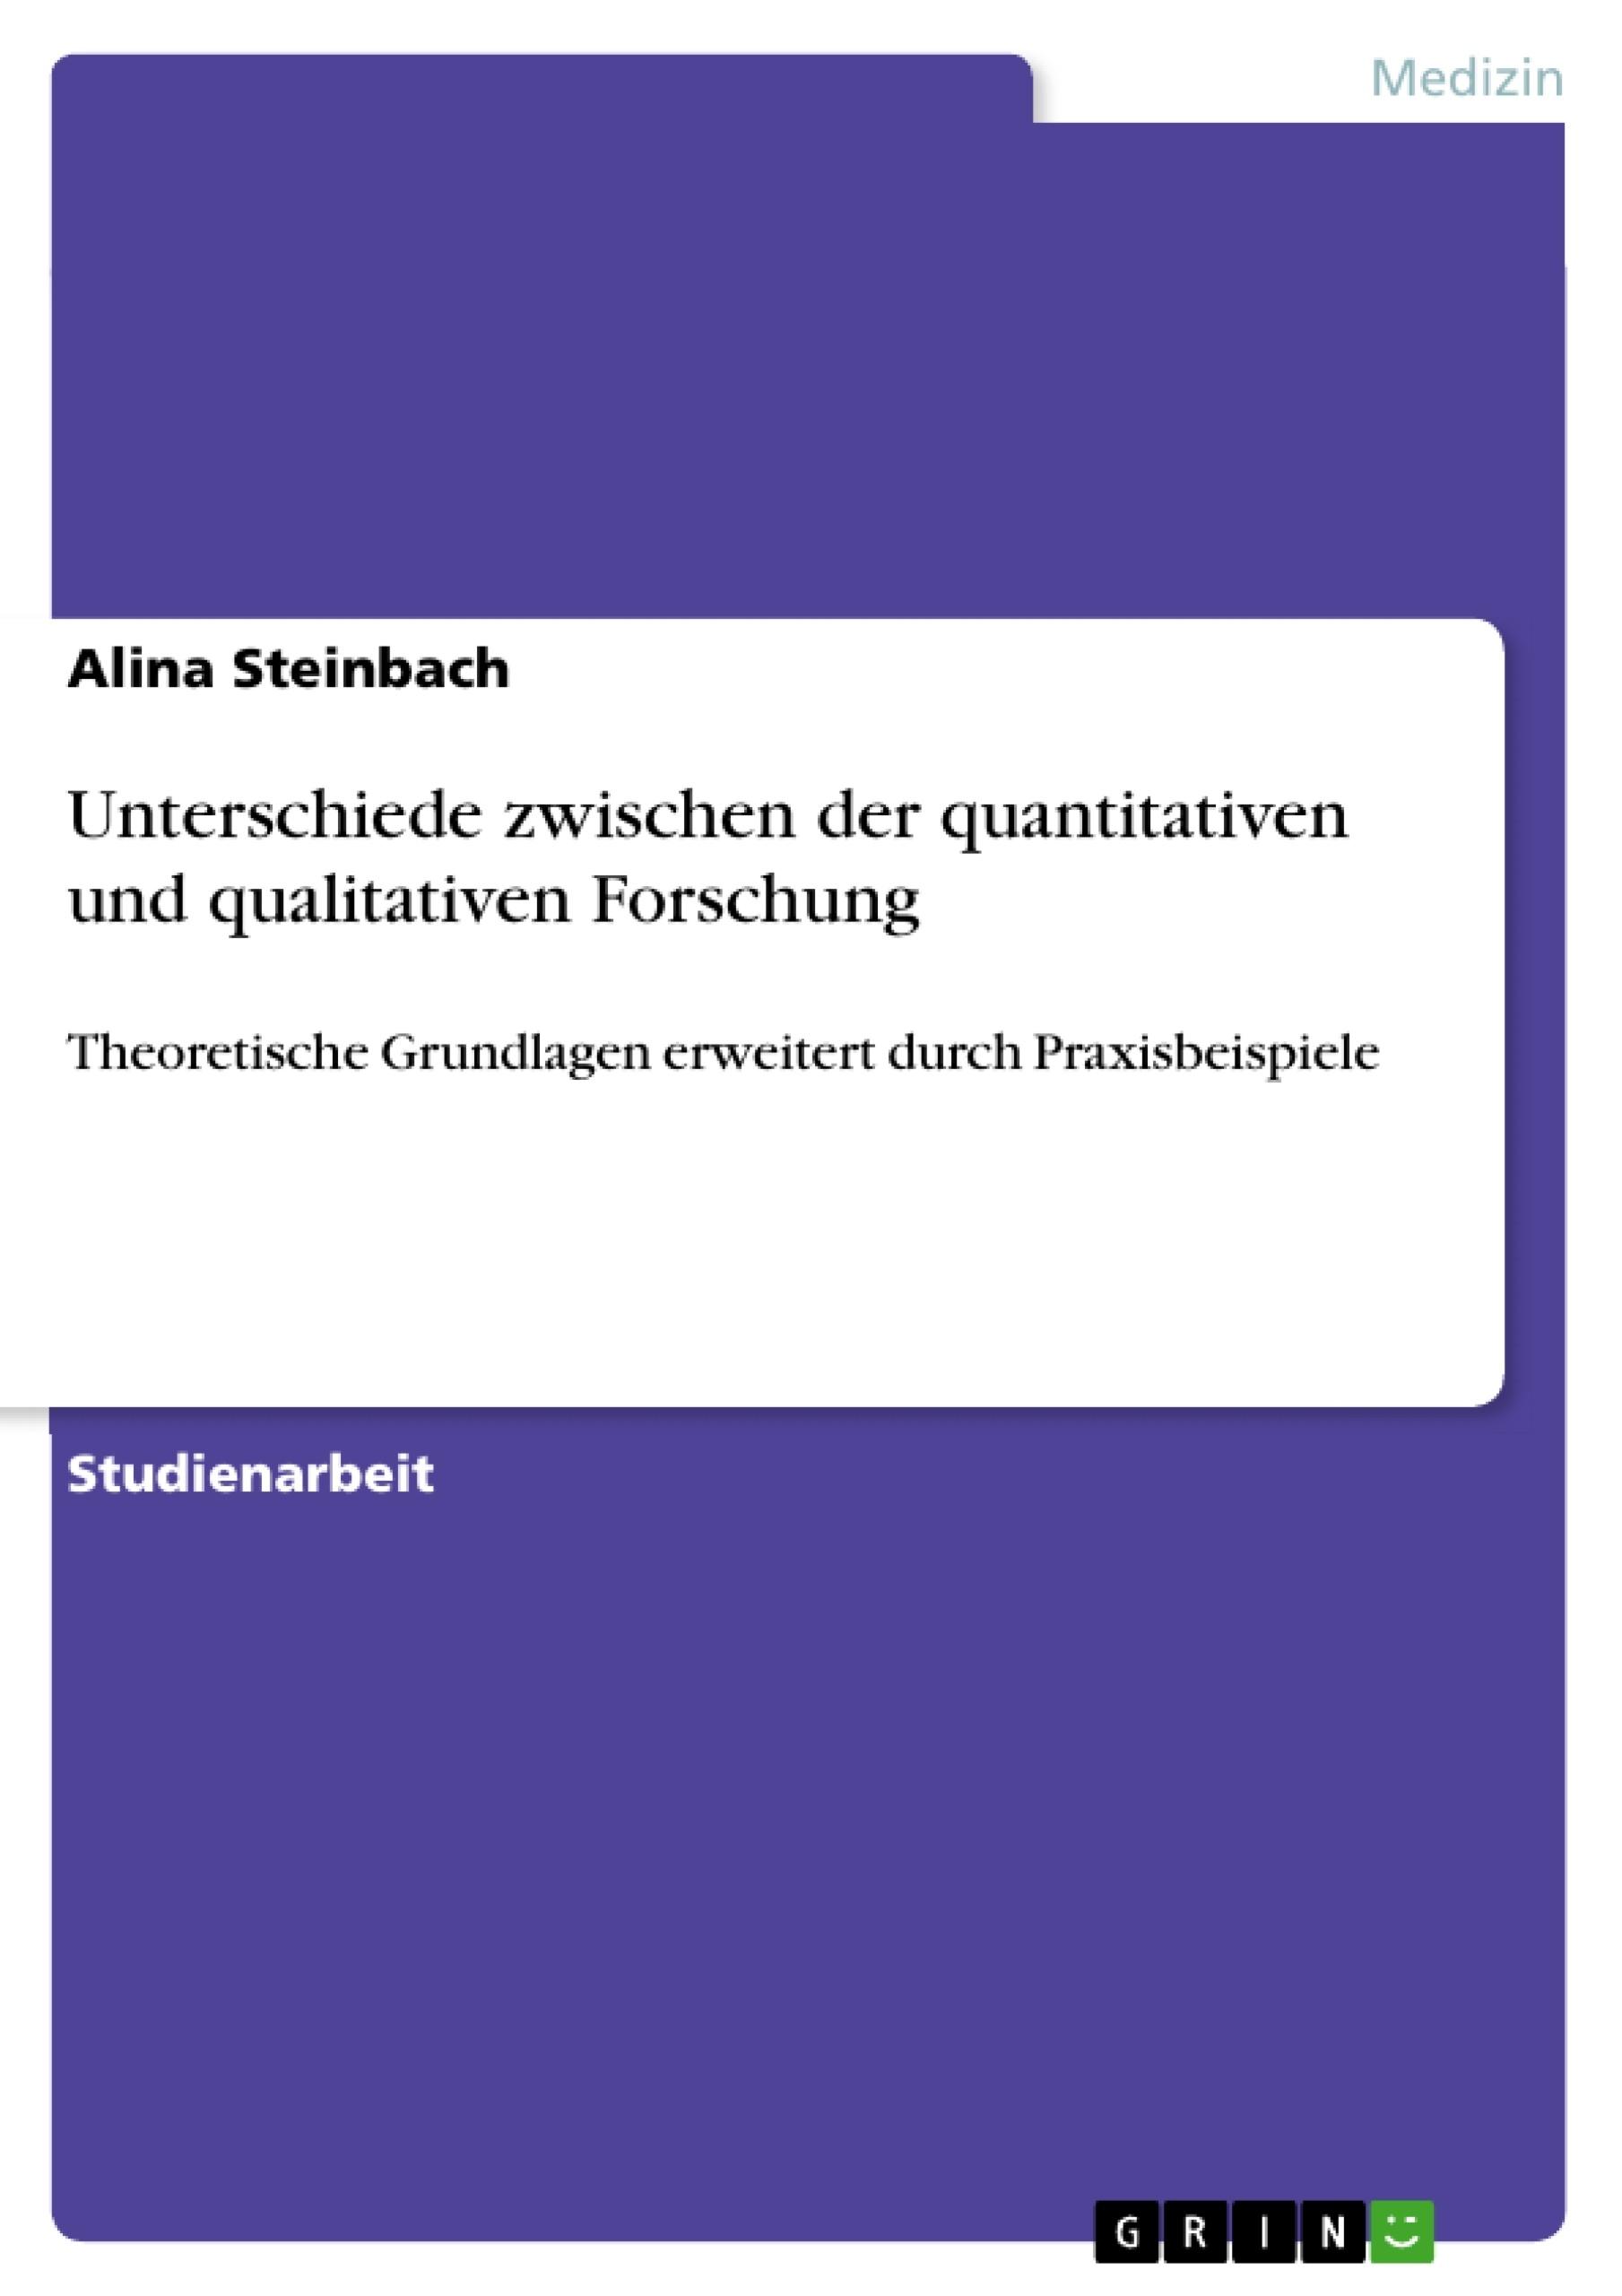 Titel: Unterschiede zwischen der quantitativen und qualitativen Forschung